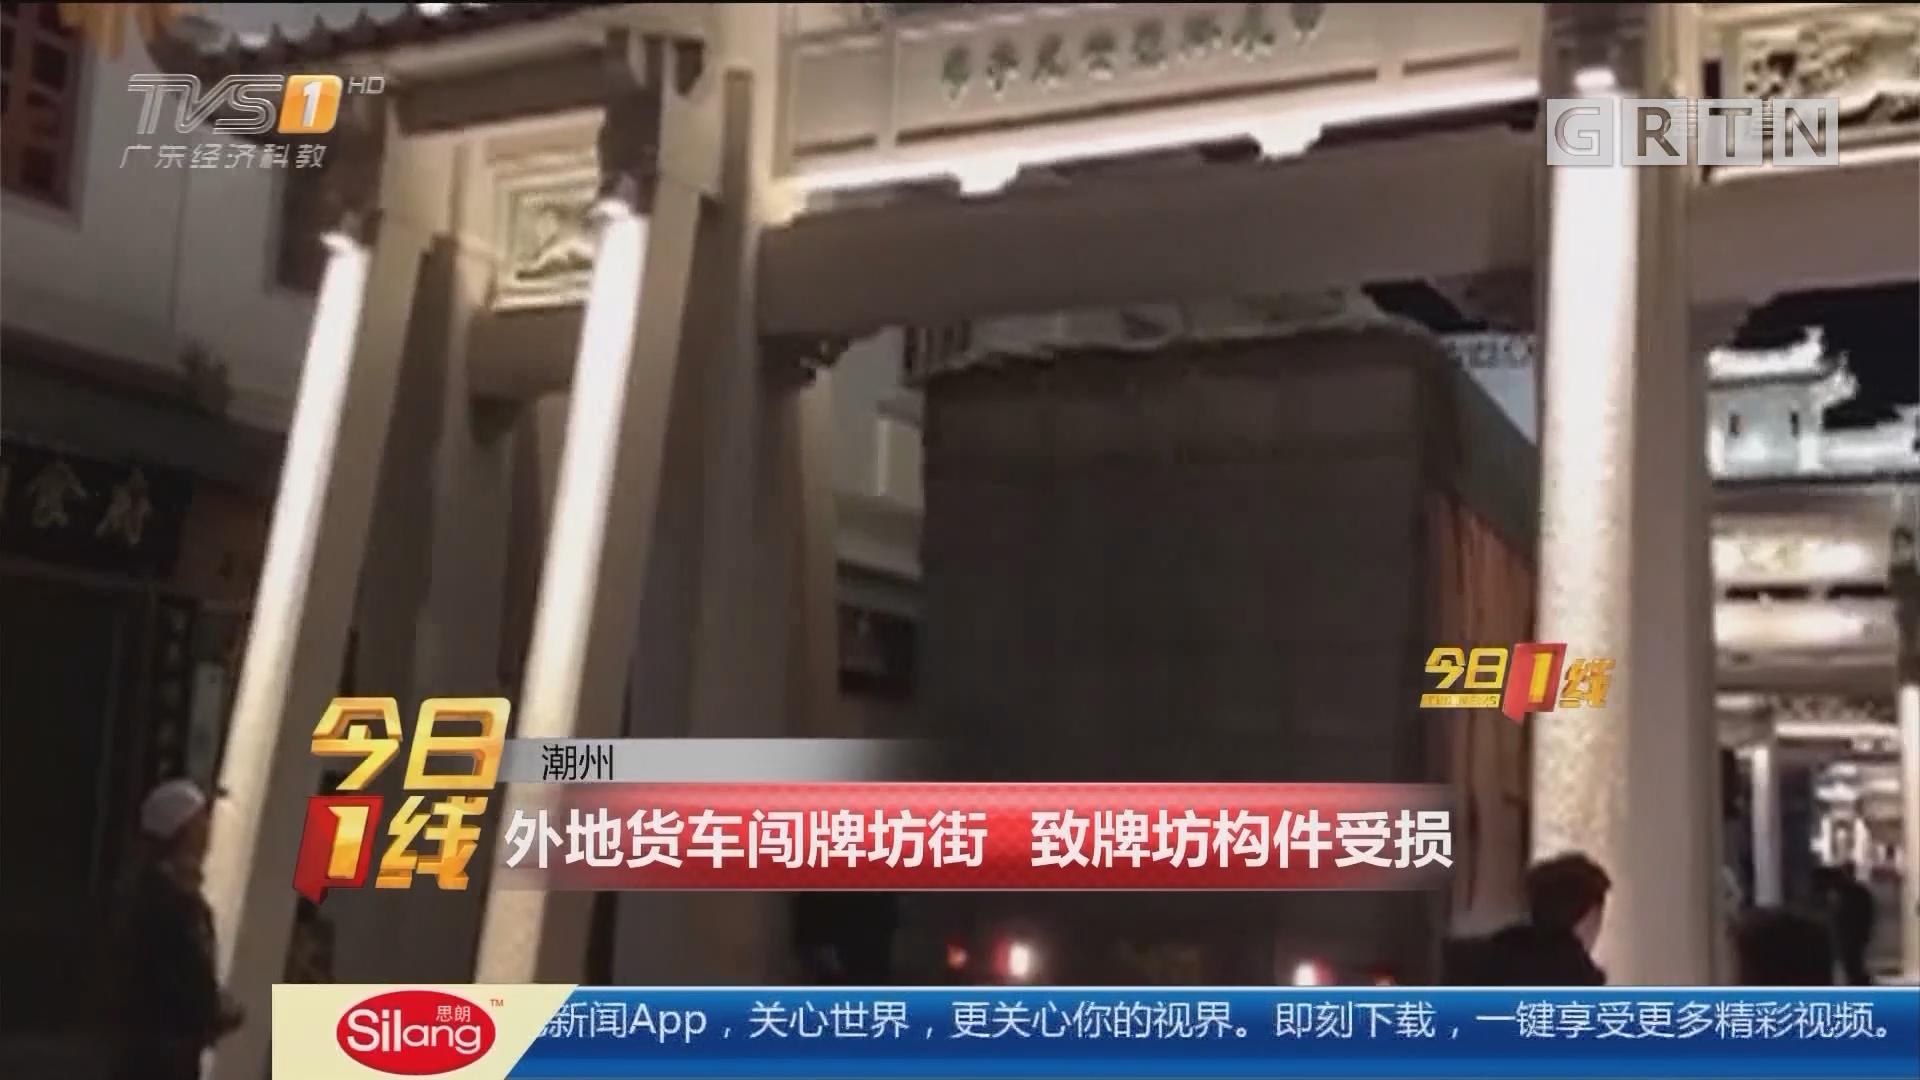 潮州:外地货车闯牌坊街 致牌坊构件受损